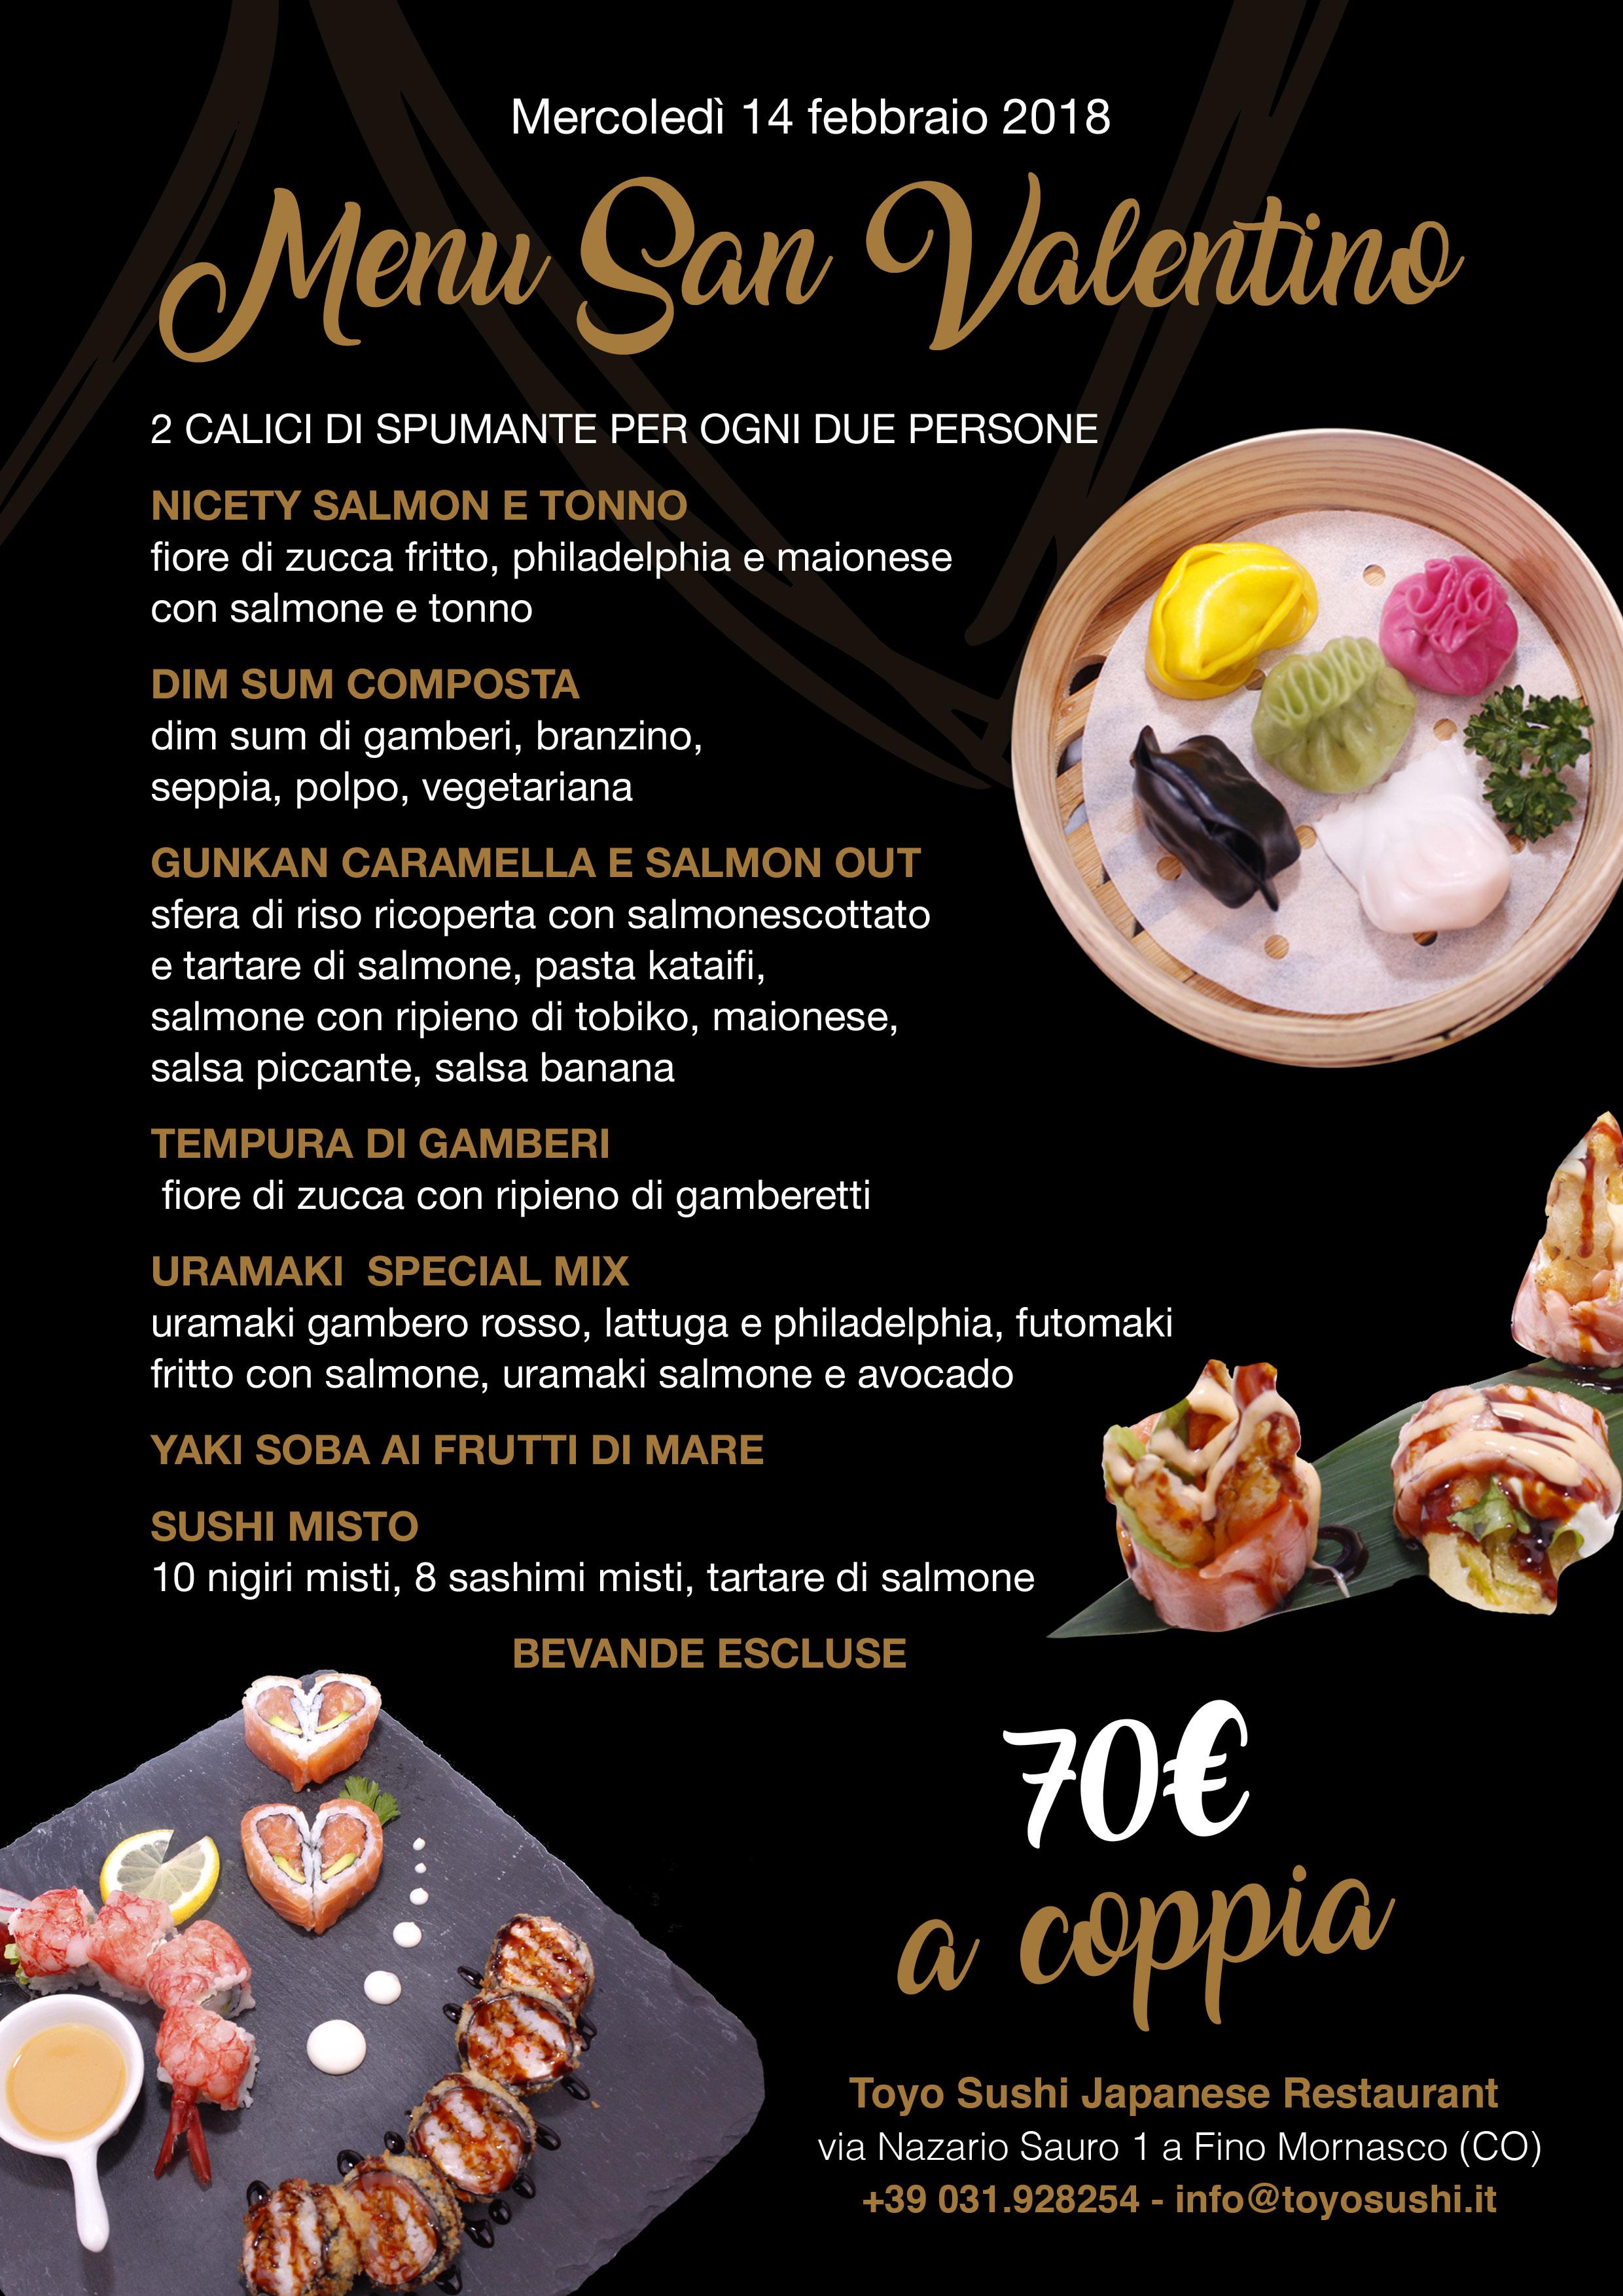 menu-san-valentino-toyo-sushi